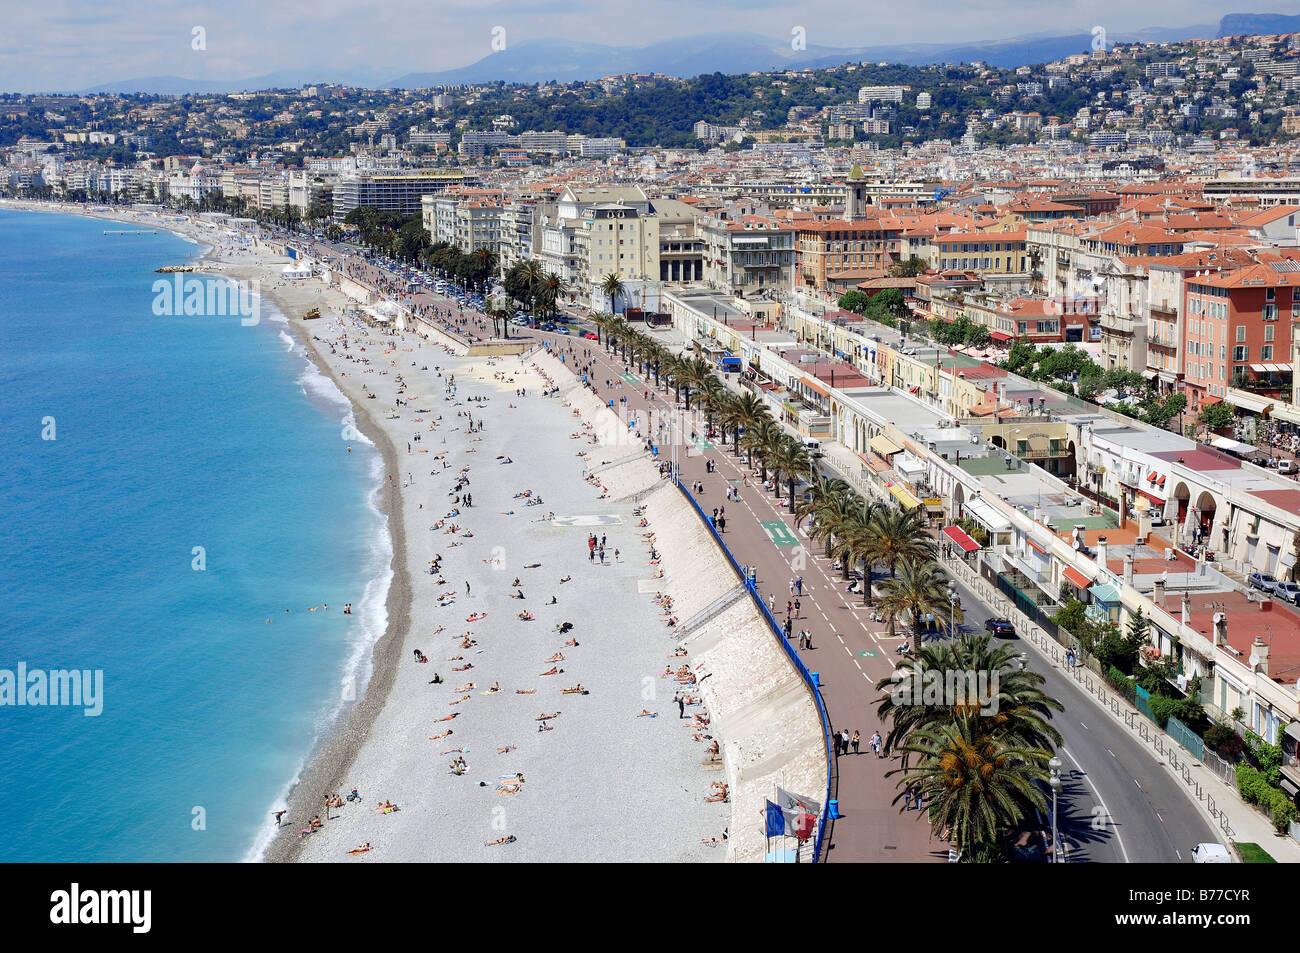 La spiaggia e il lungomare, Promenade des Anglais, Nice, Alpes-Maritimes, Provence-Alpes-Côte d'Azur, in Immagini Stock